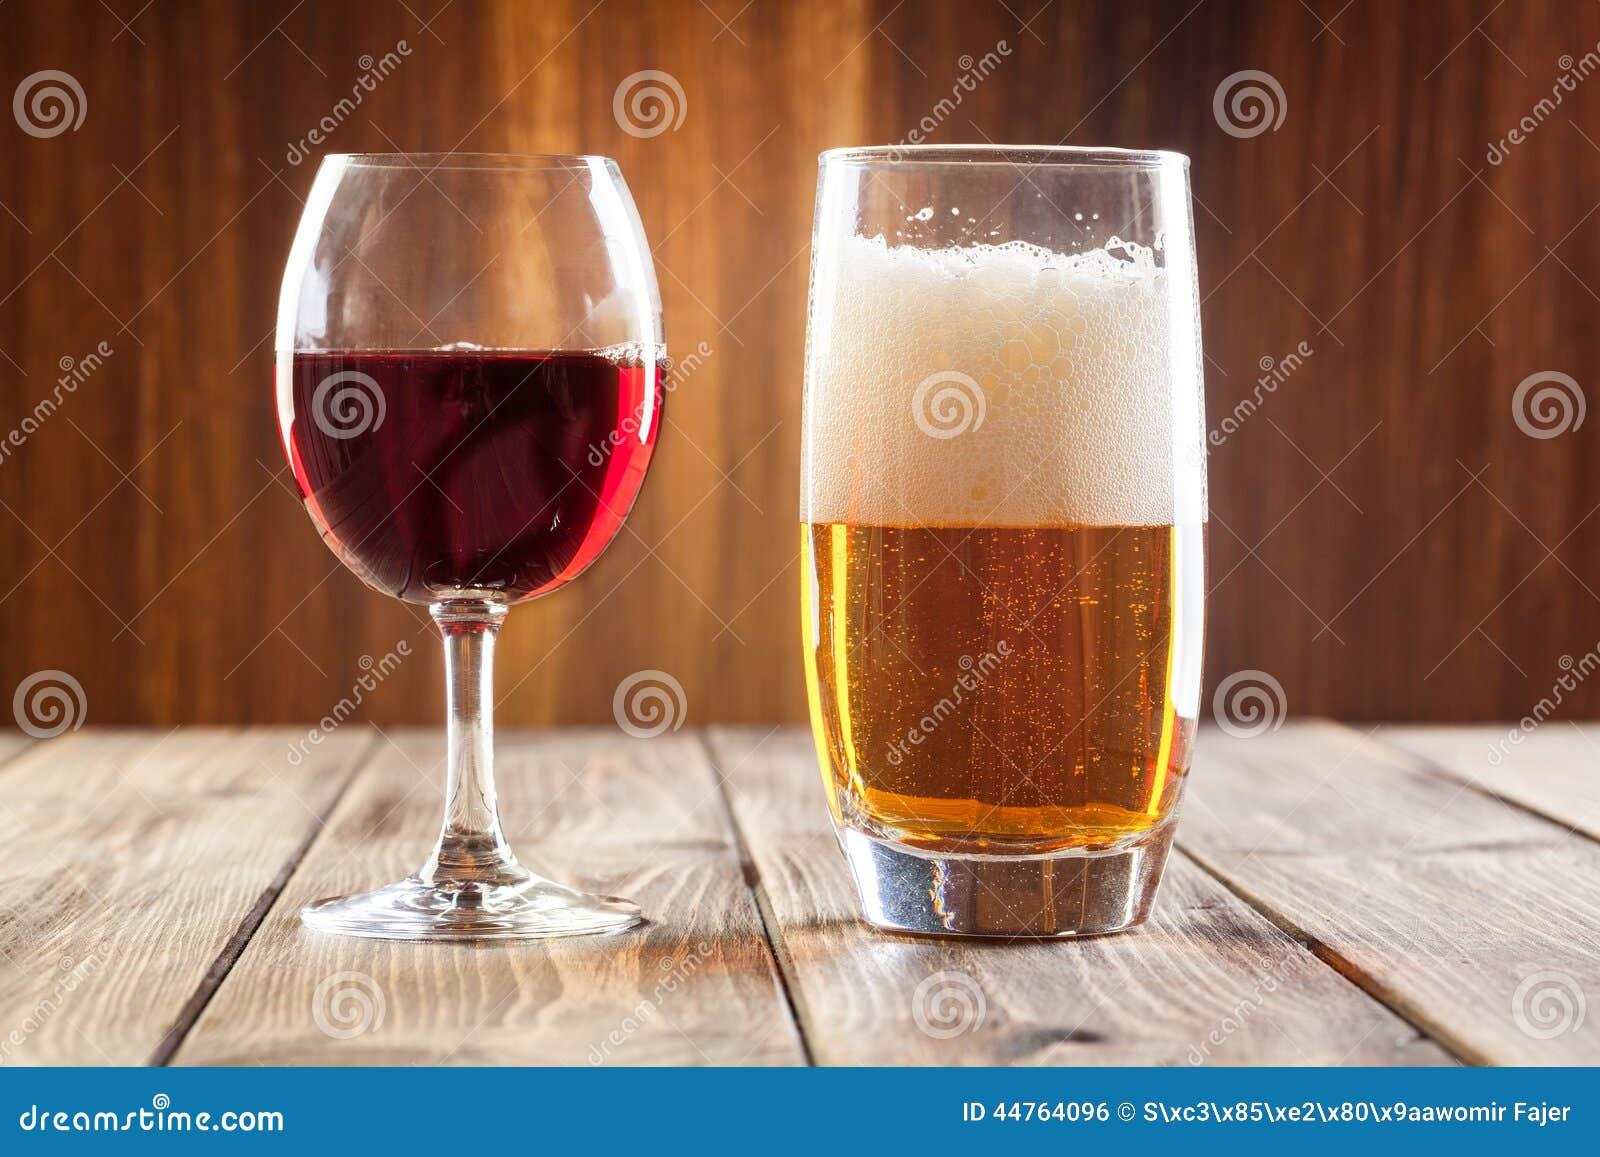 酒杯和杯低度黄啤酒